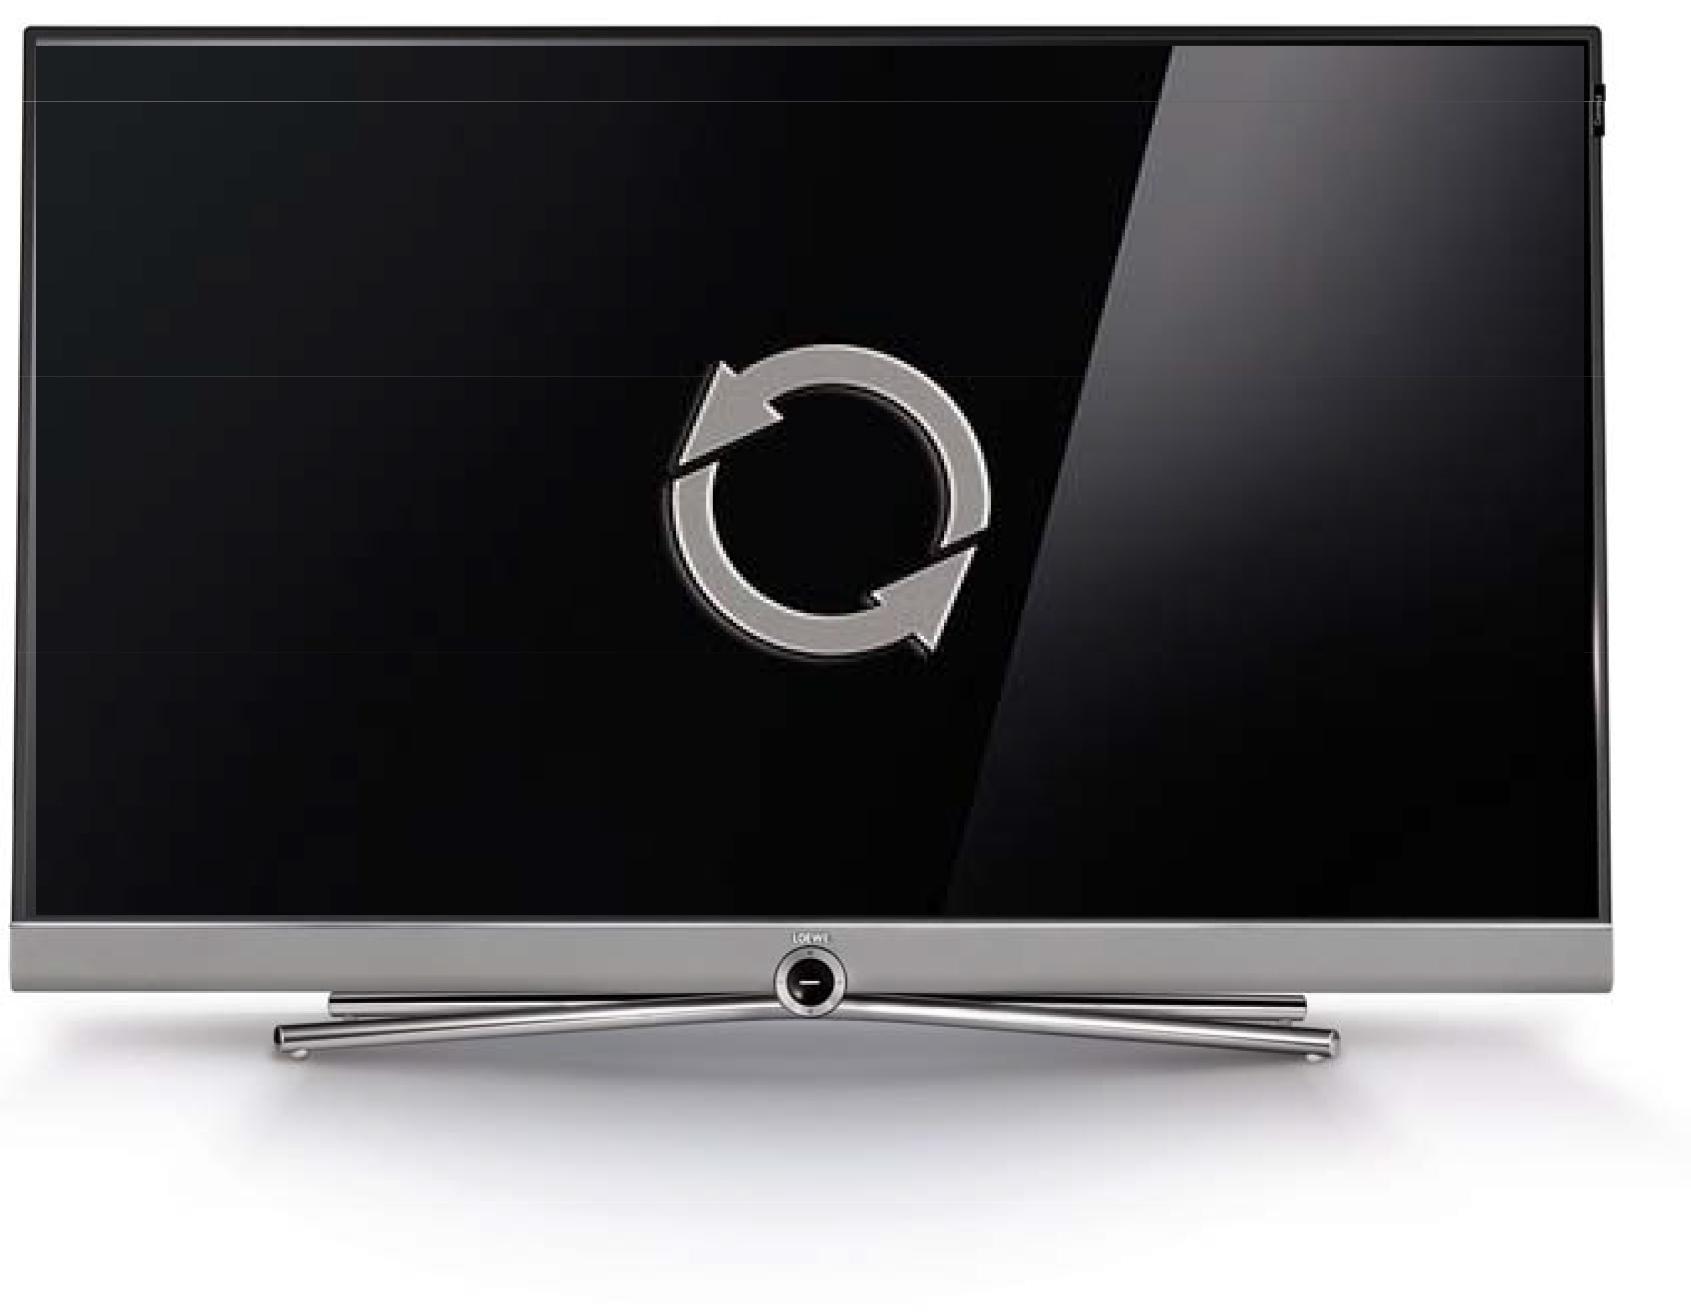 Mise à jour télévision Loewe Connect 40 DR+ UHD controlsound